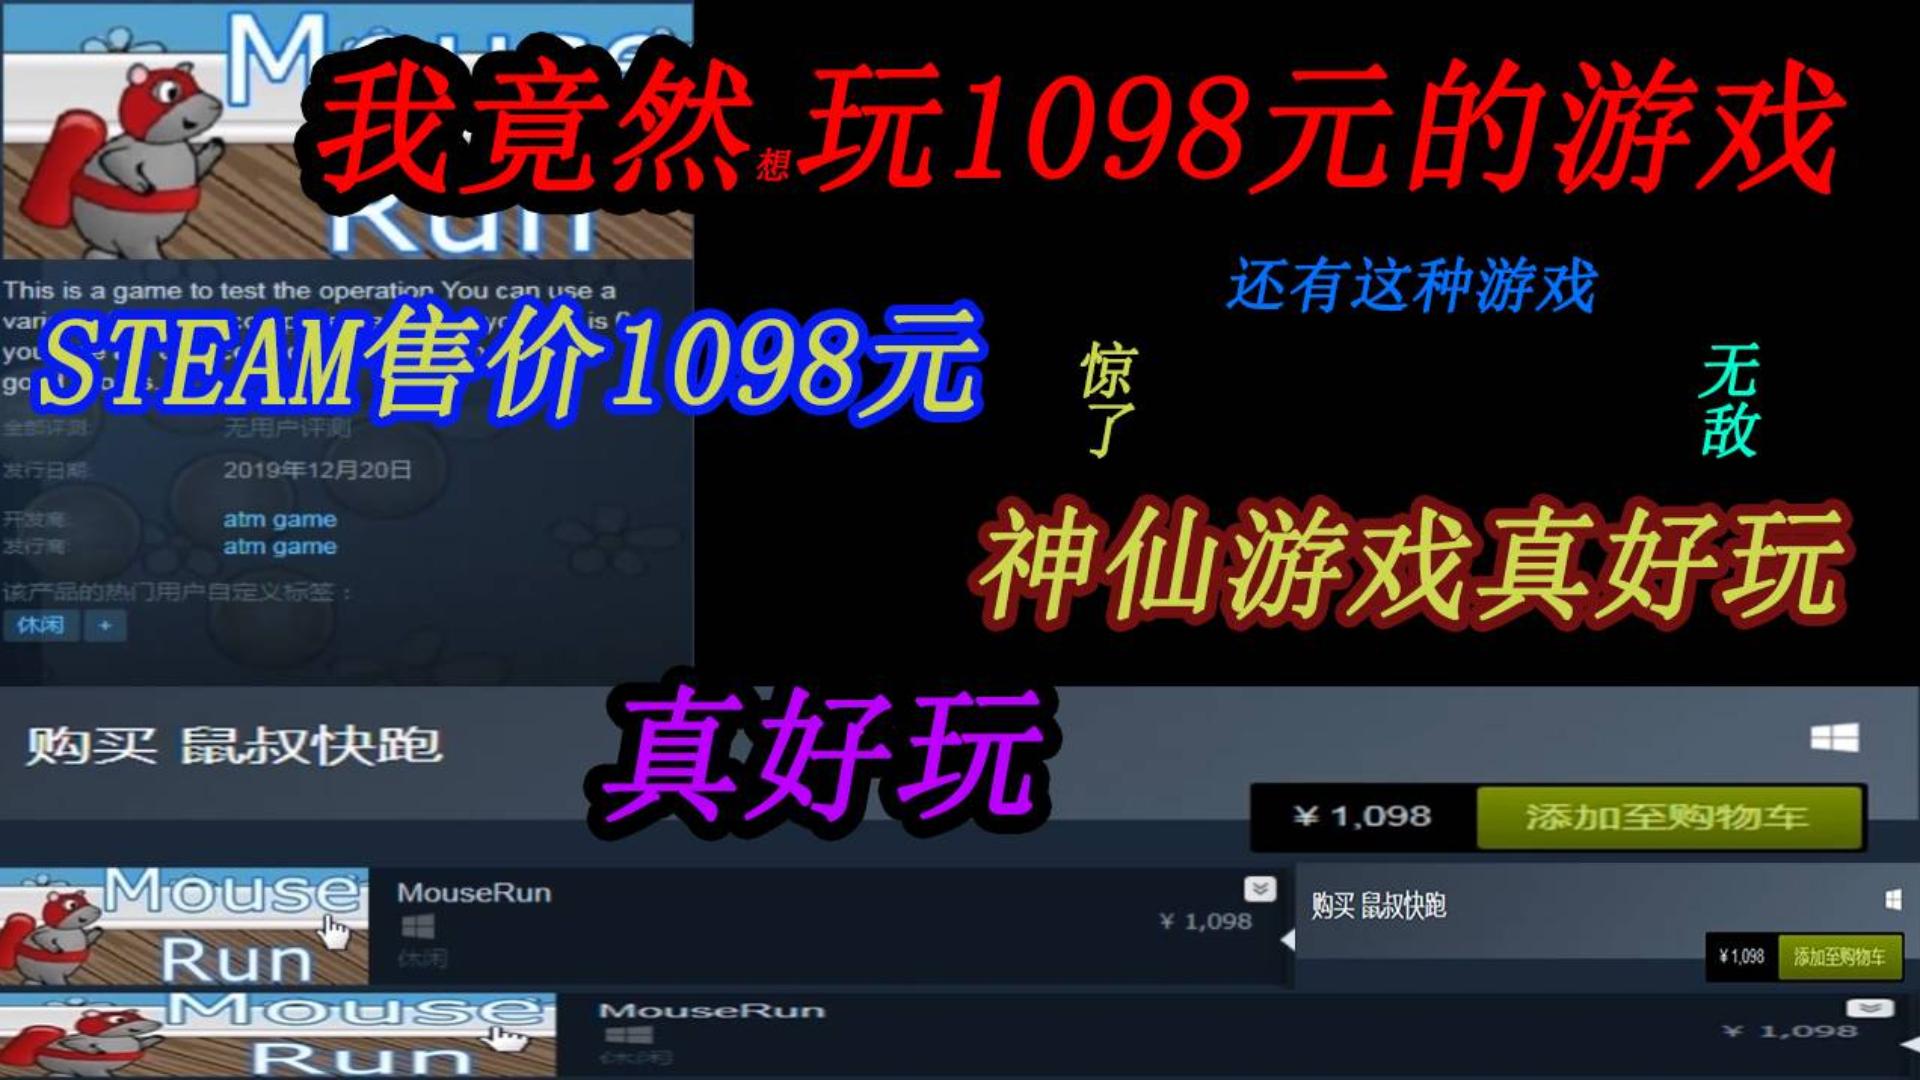 Steam售价1098元的游戏 神仙游戏真好玩